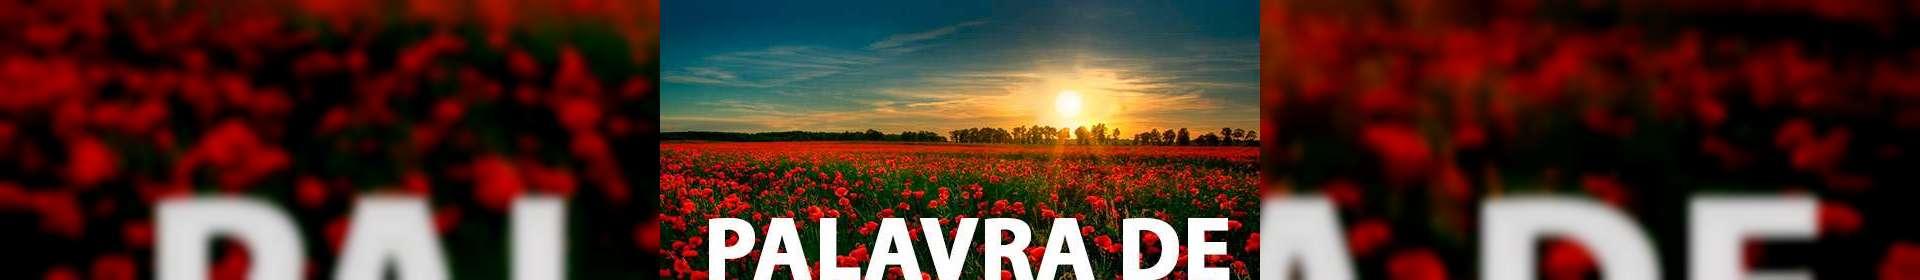 Salmos 34:6 - Uma Palavra de Esperança para sua vida